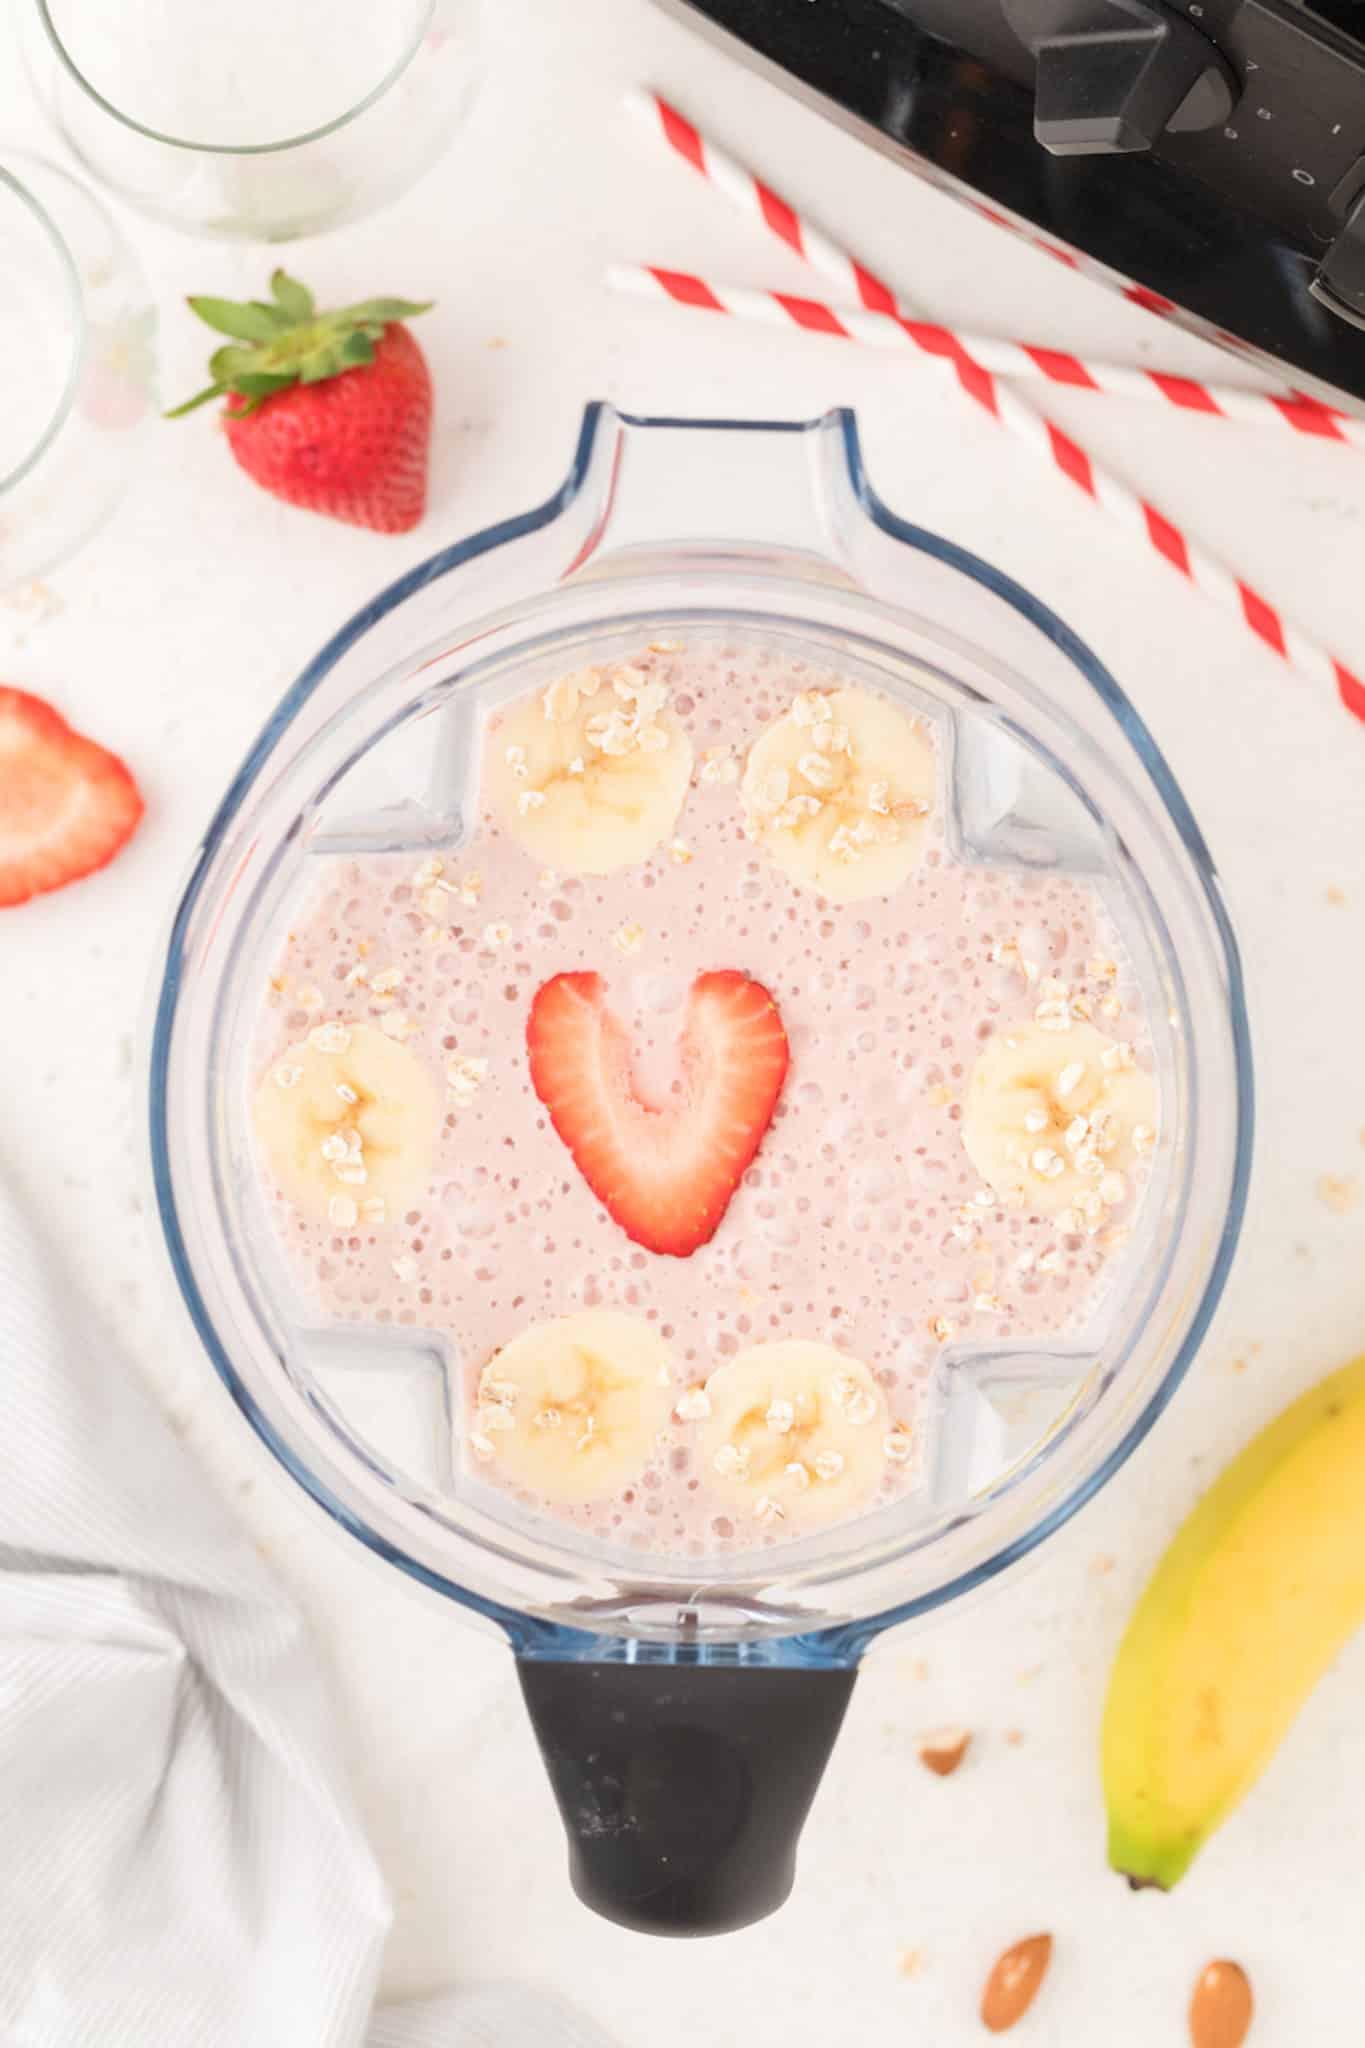 pink smoothie inside of a blender